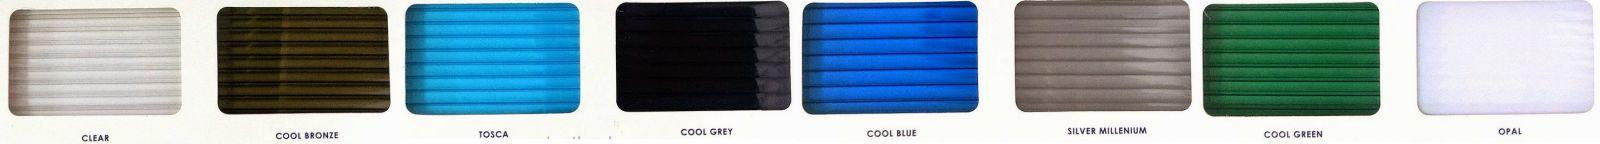 Giá tấm lợp lấy sáng cách nhiệt thông minh composite sợi thủy tinh polycarbonate tại TPHCM